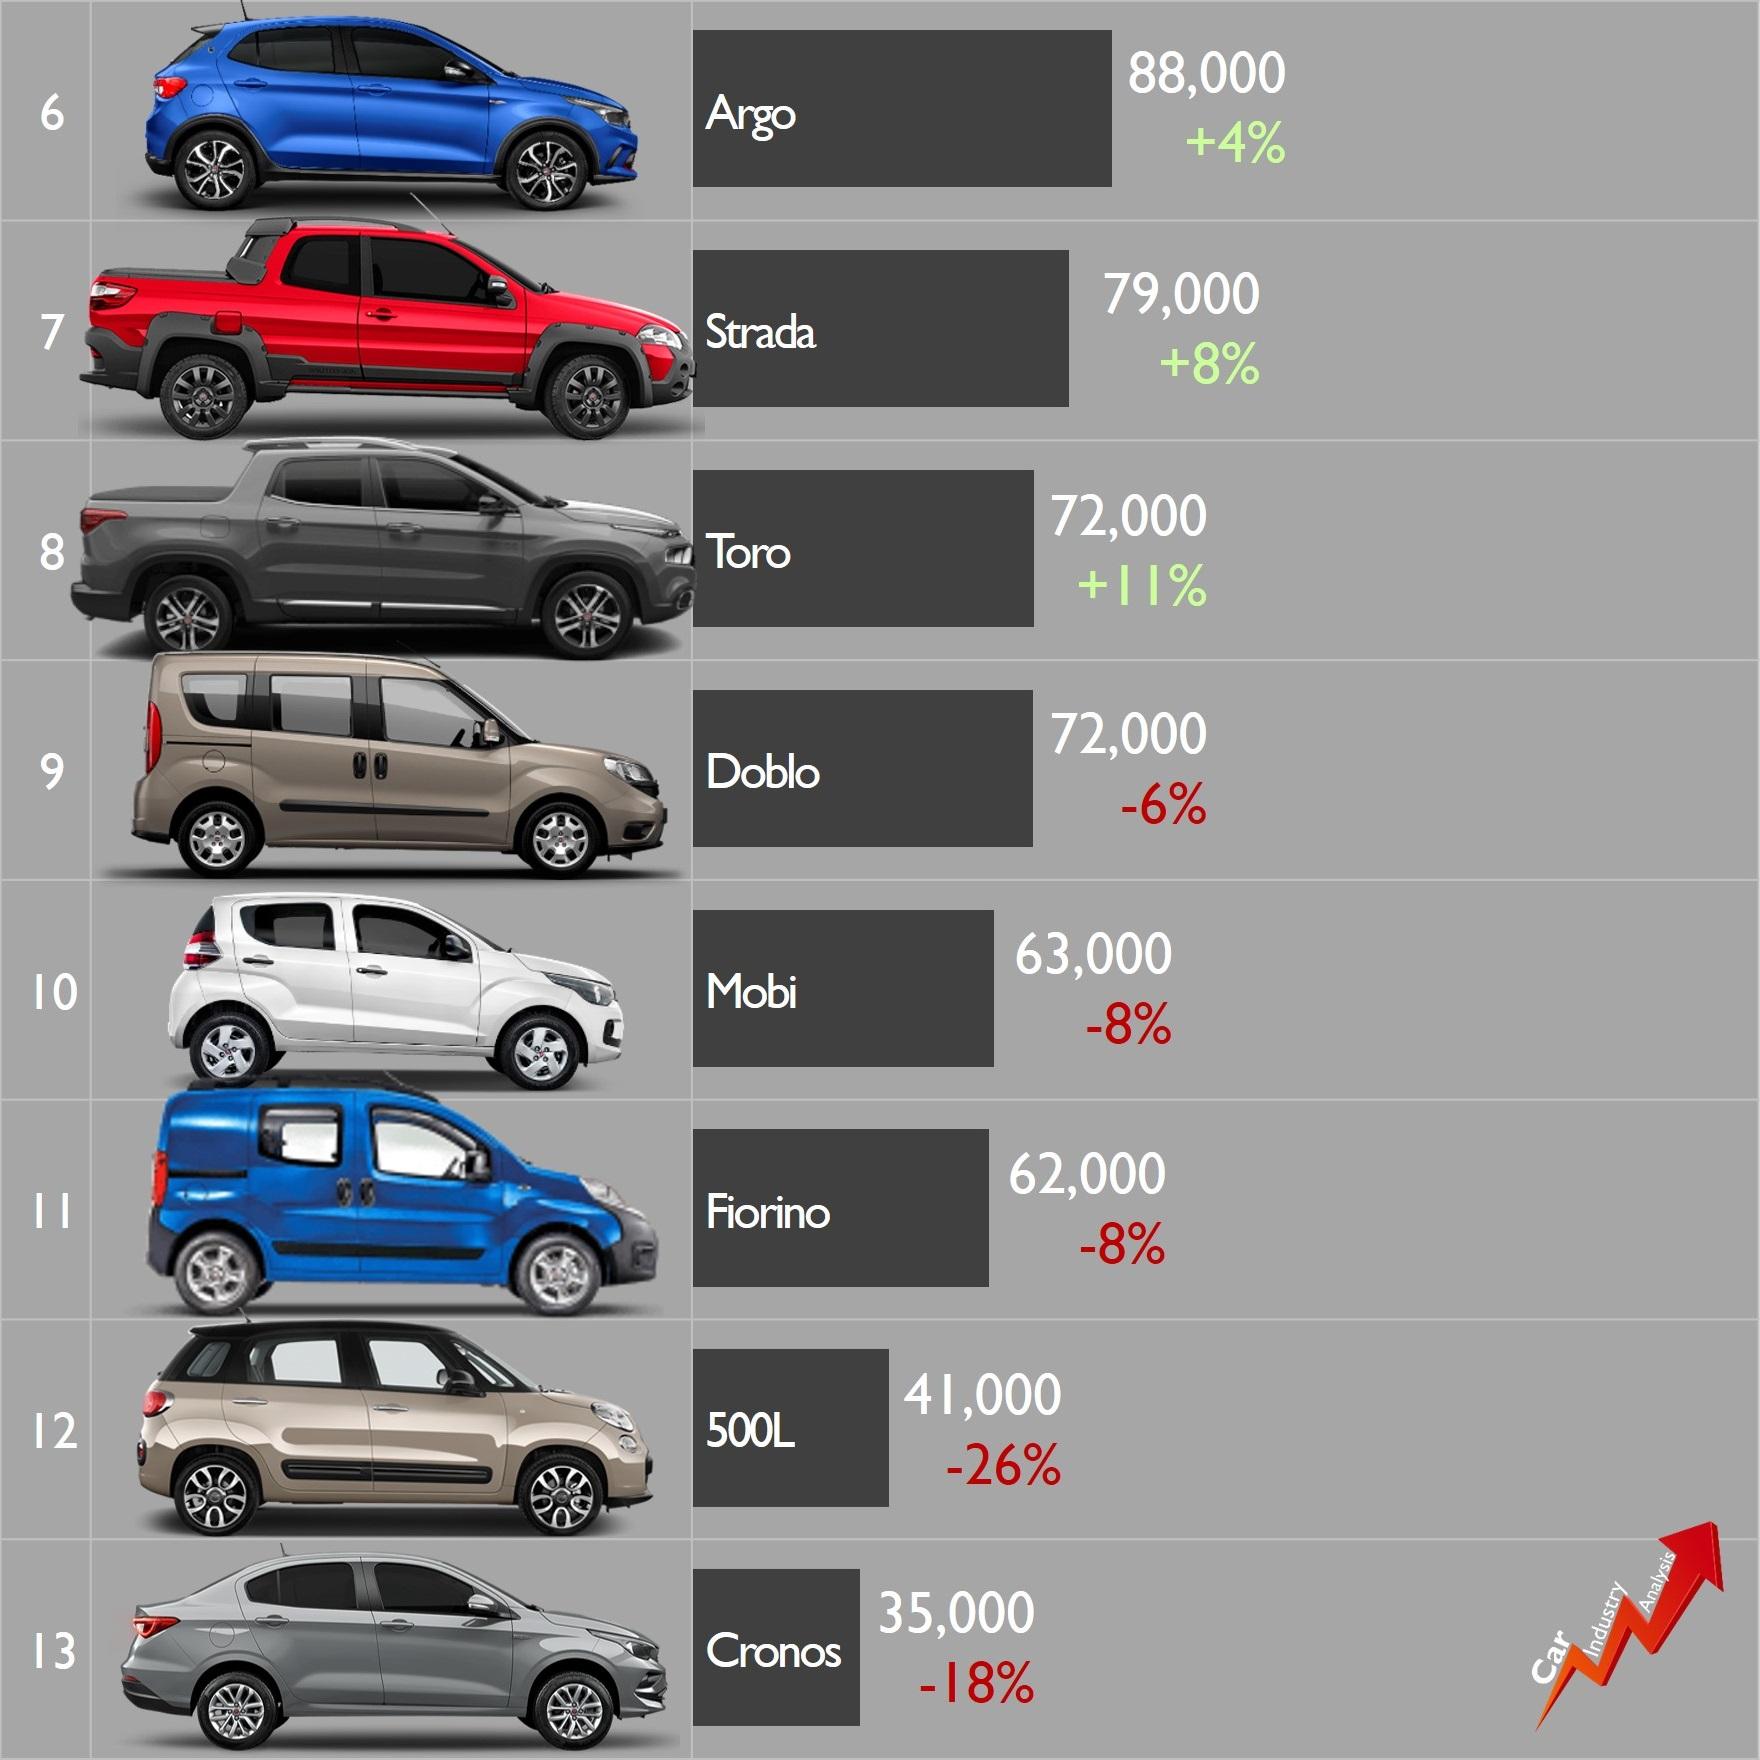 [Statistiques] Par ici les chiffres - Page 26 Fiat-b12